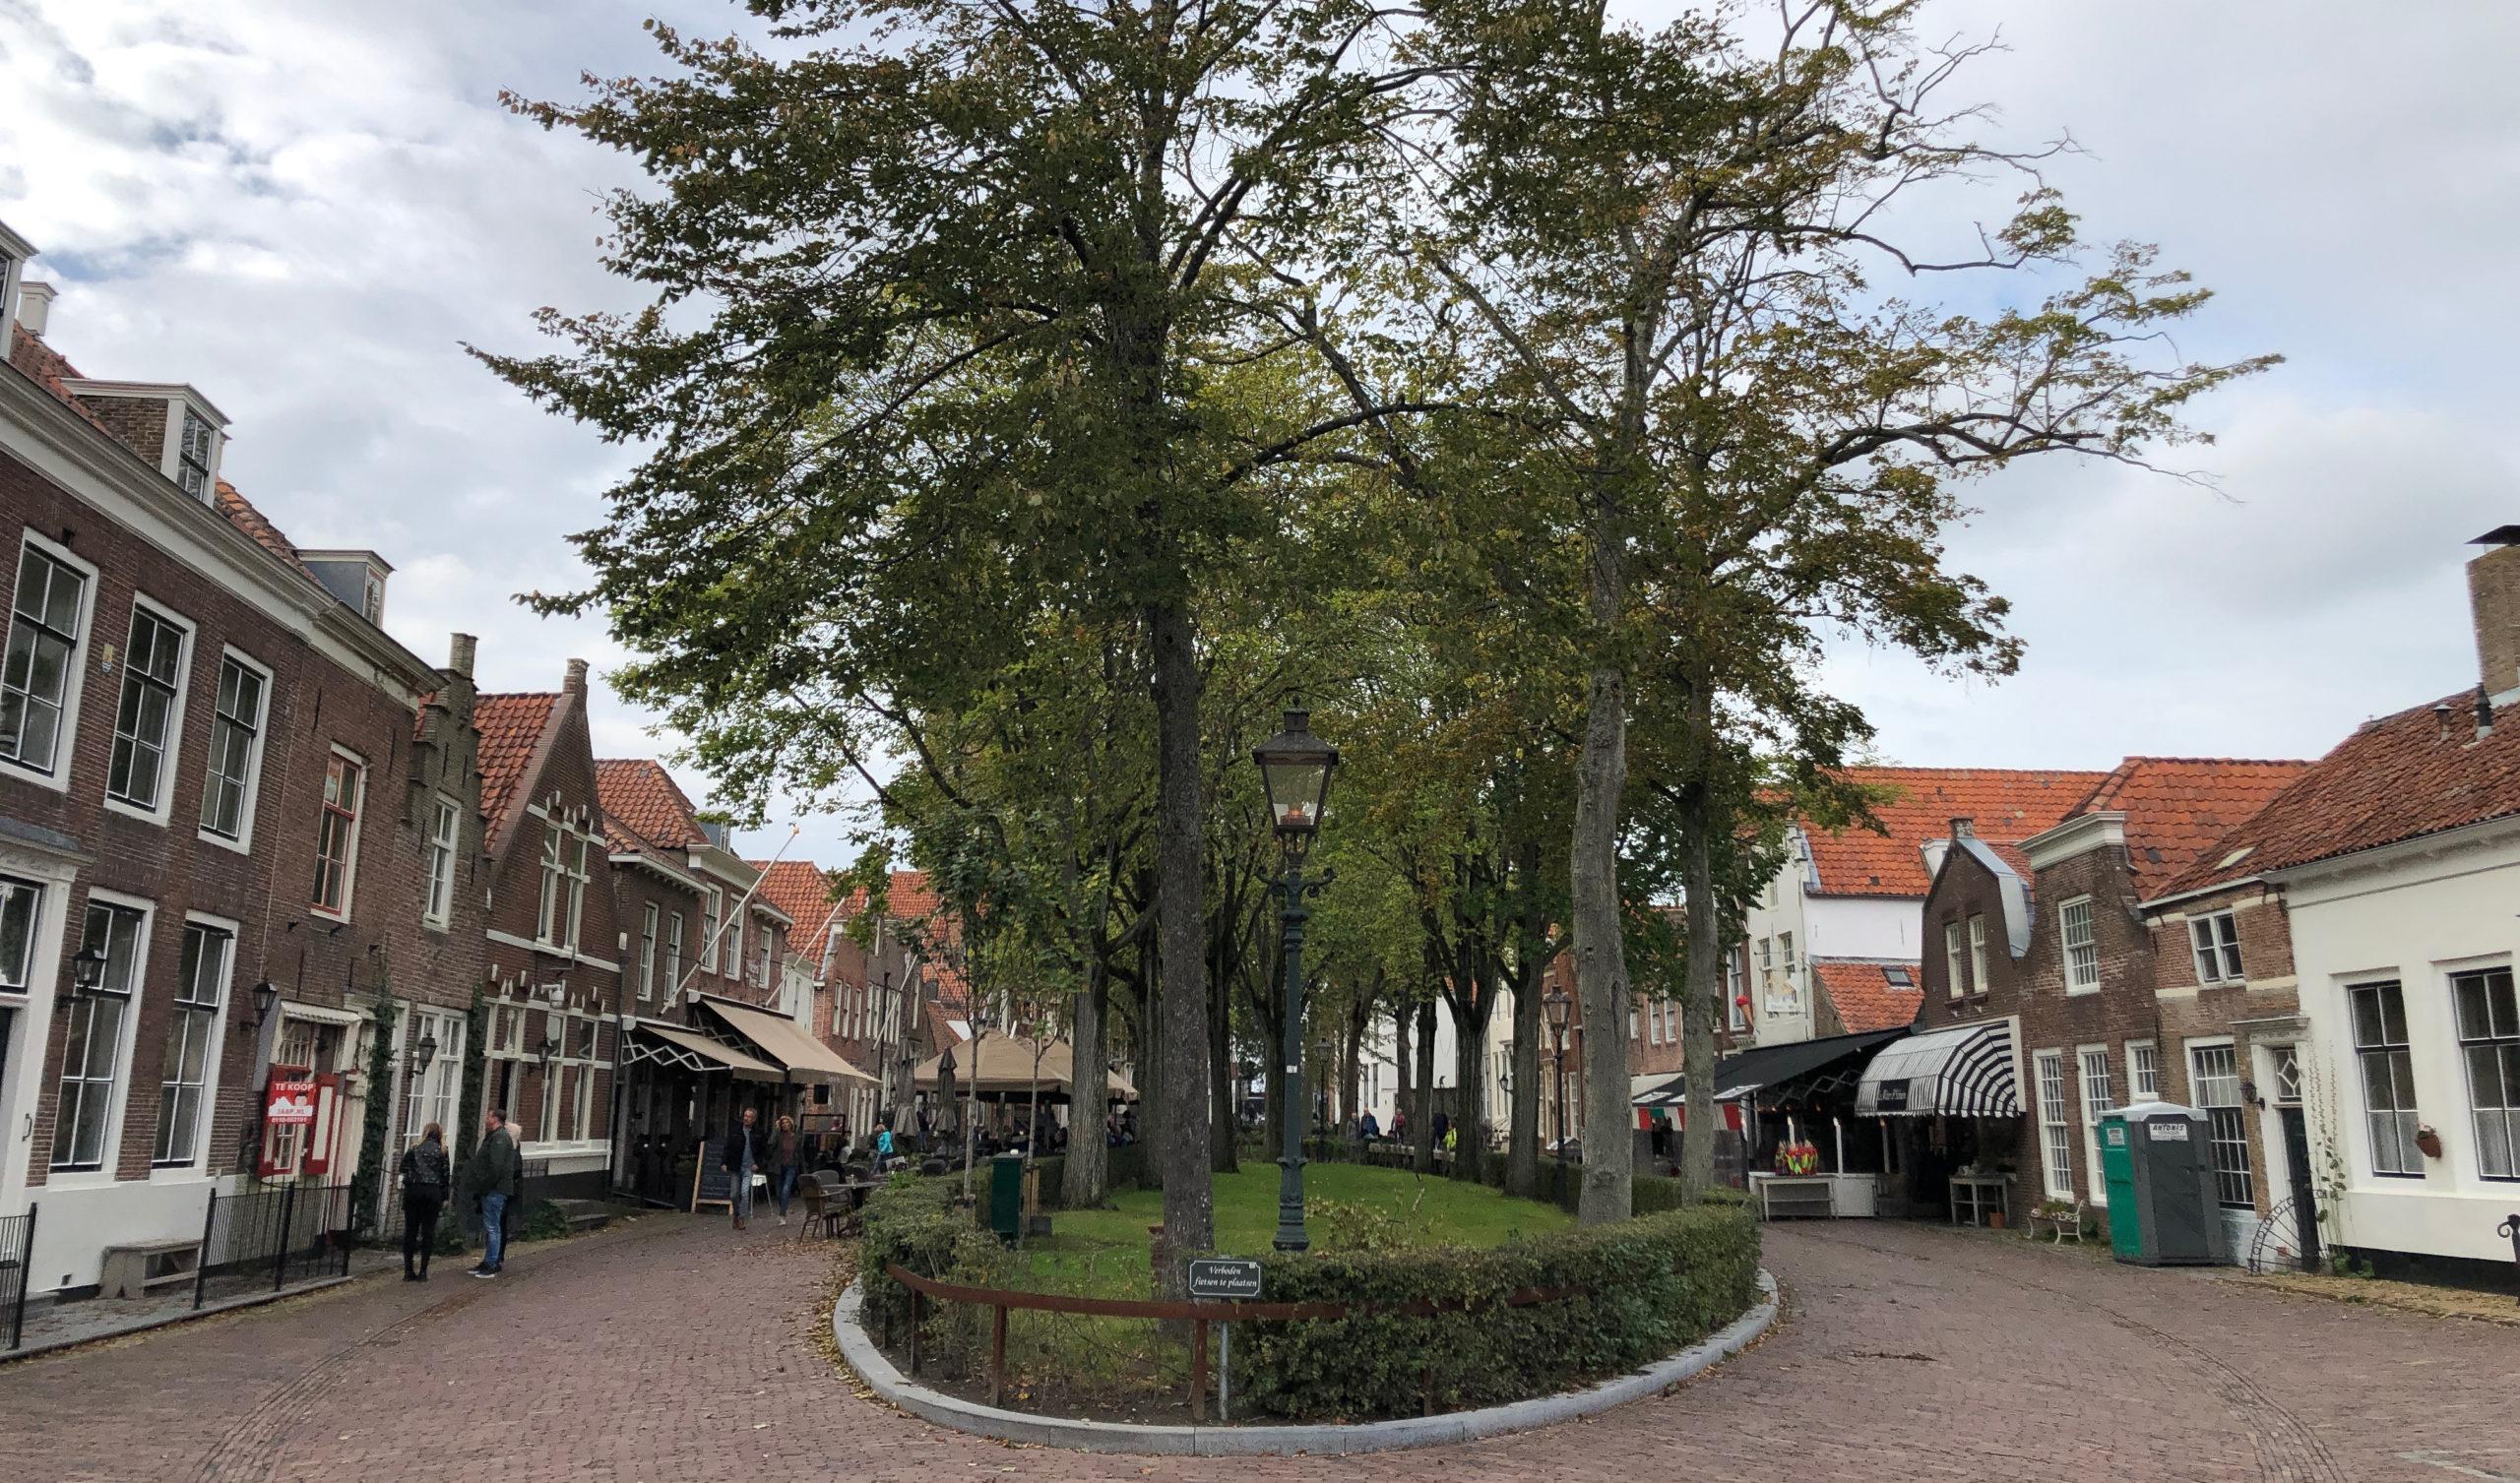 Stadtbild von Veere in der Provinz Zeeland mit alten Häuschen und Bäumen